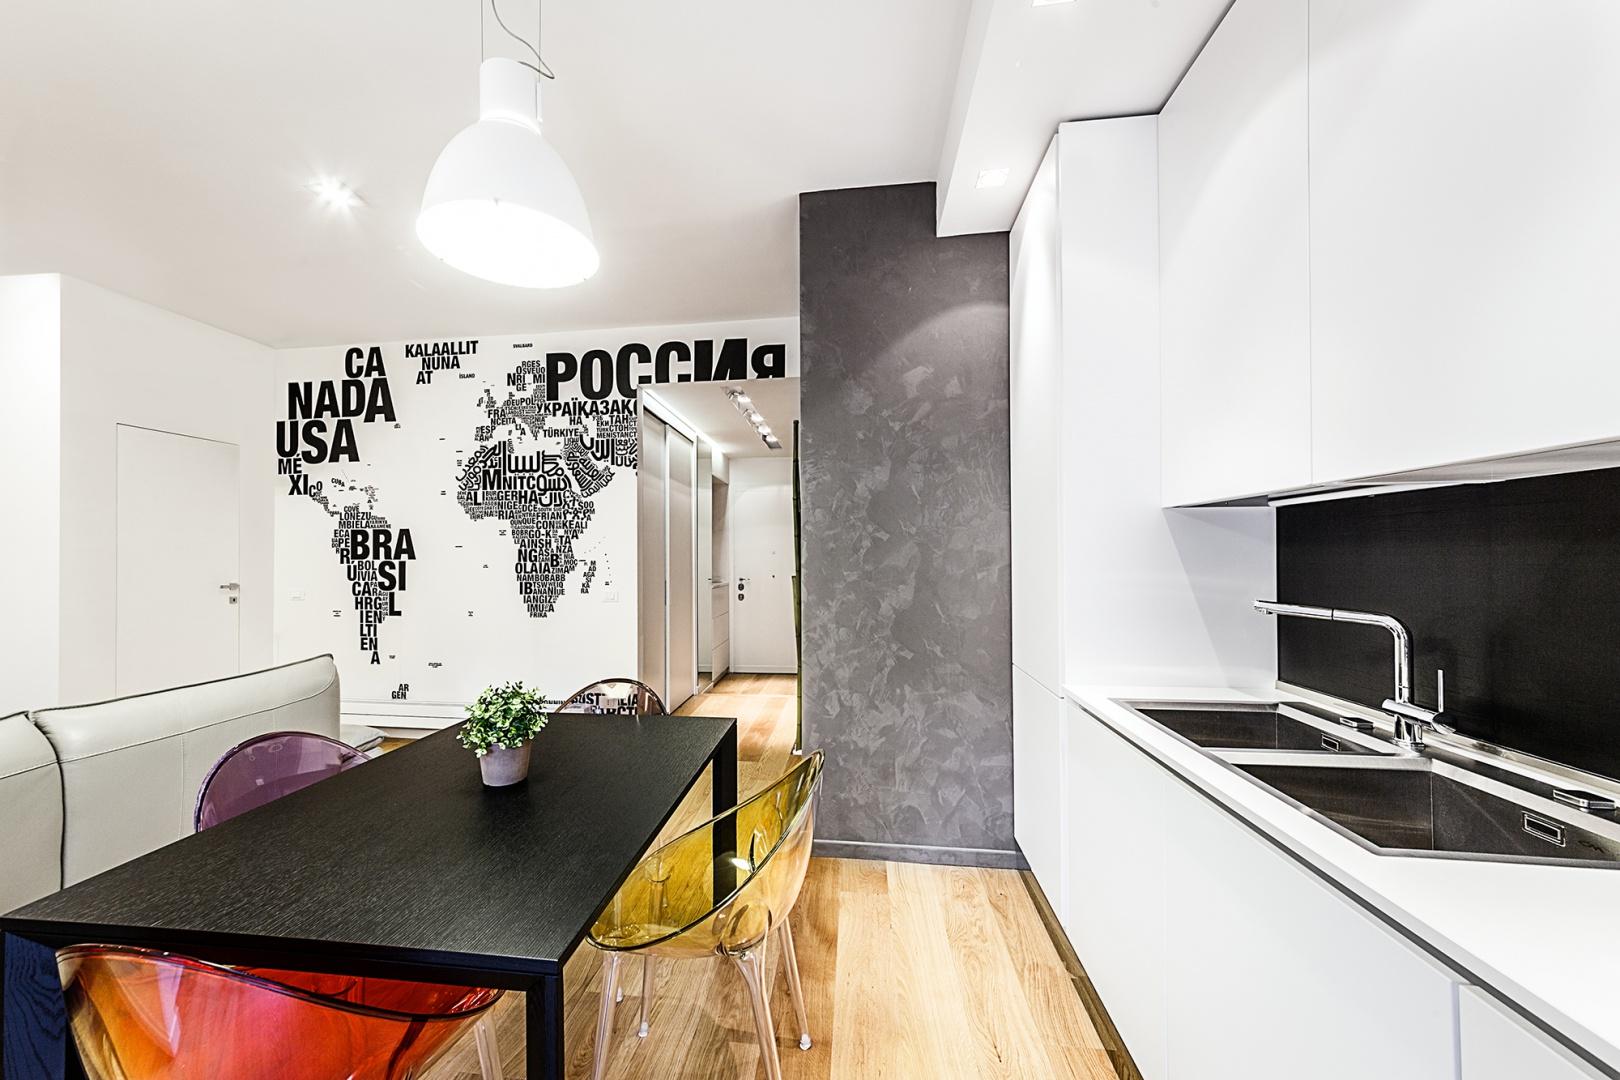 Ścianę nad blatem wykończono w czarnym kolorze, który efektownie kontrastuje z białymi meblami kuchennymi. Czarna powierzchnia koresponduje z kolei z ciemnym stołem jadalnianym i teksturą na ścianie w salonie. Projekt i zdjęcia: Brain Factory.